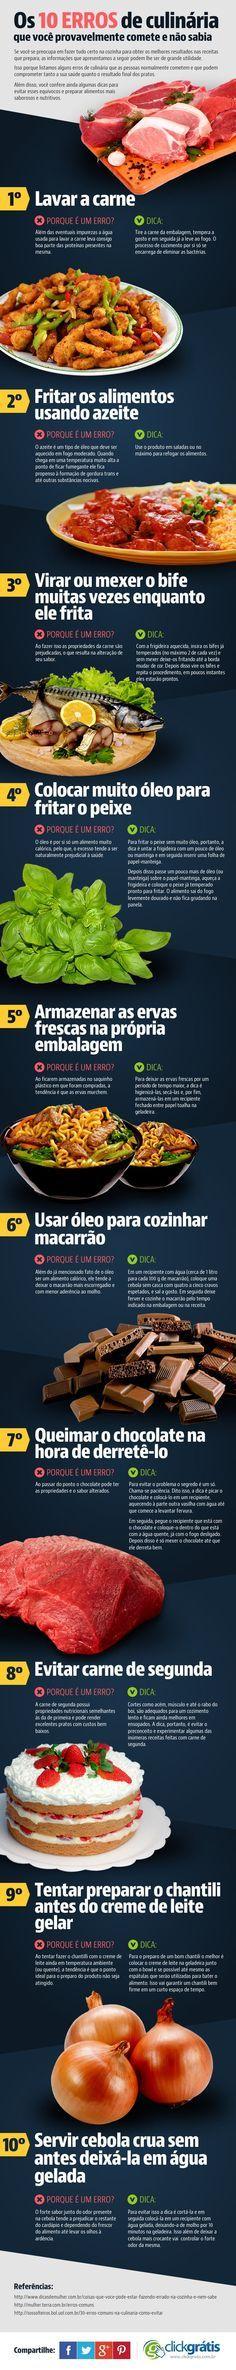 Veja os 10 erros de culinária que você provavelmente comete e não sabia - Infográficos - ClickGrátis